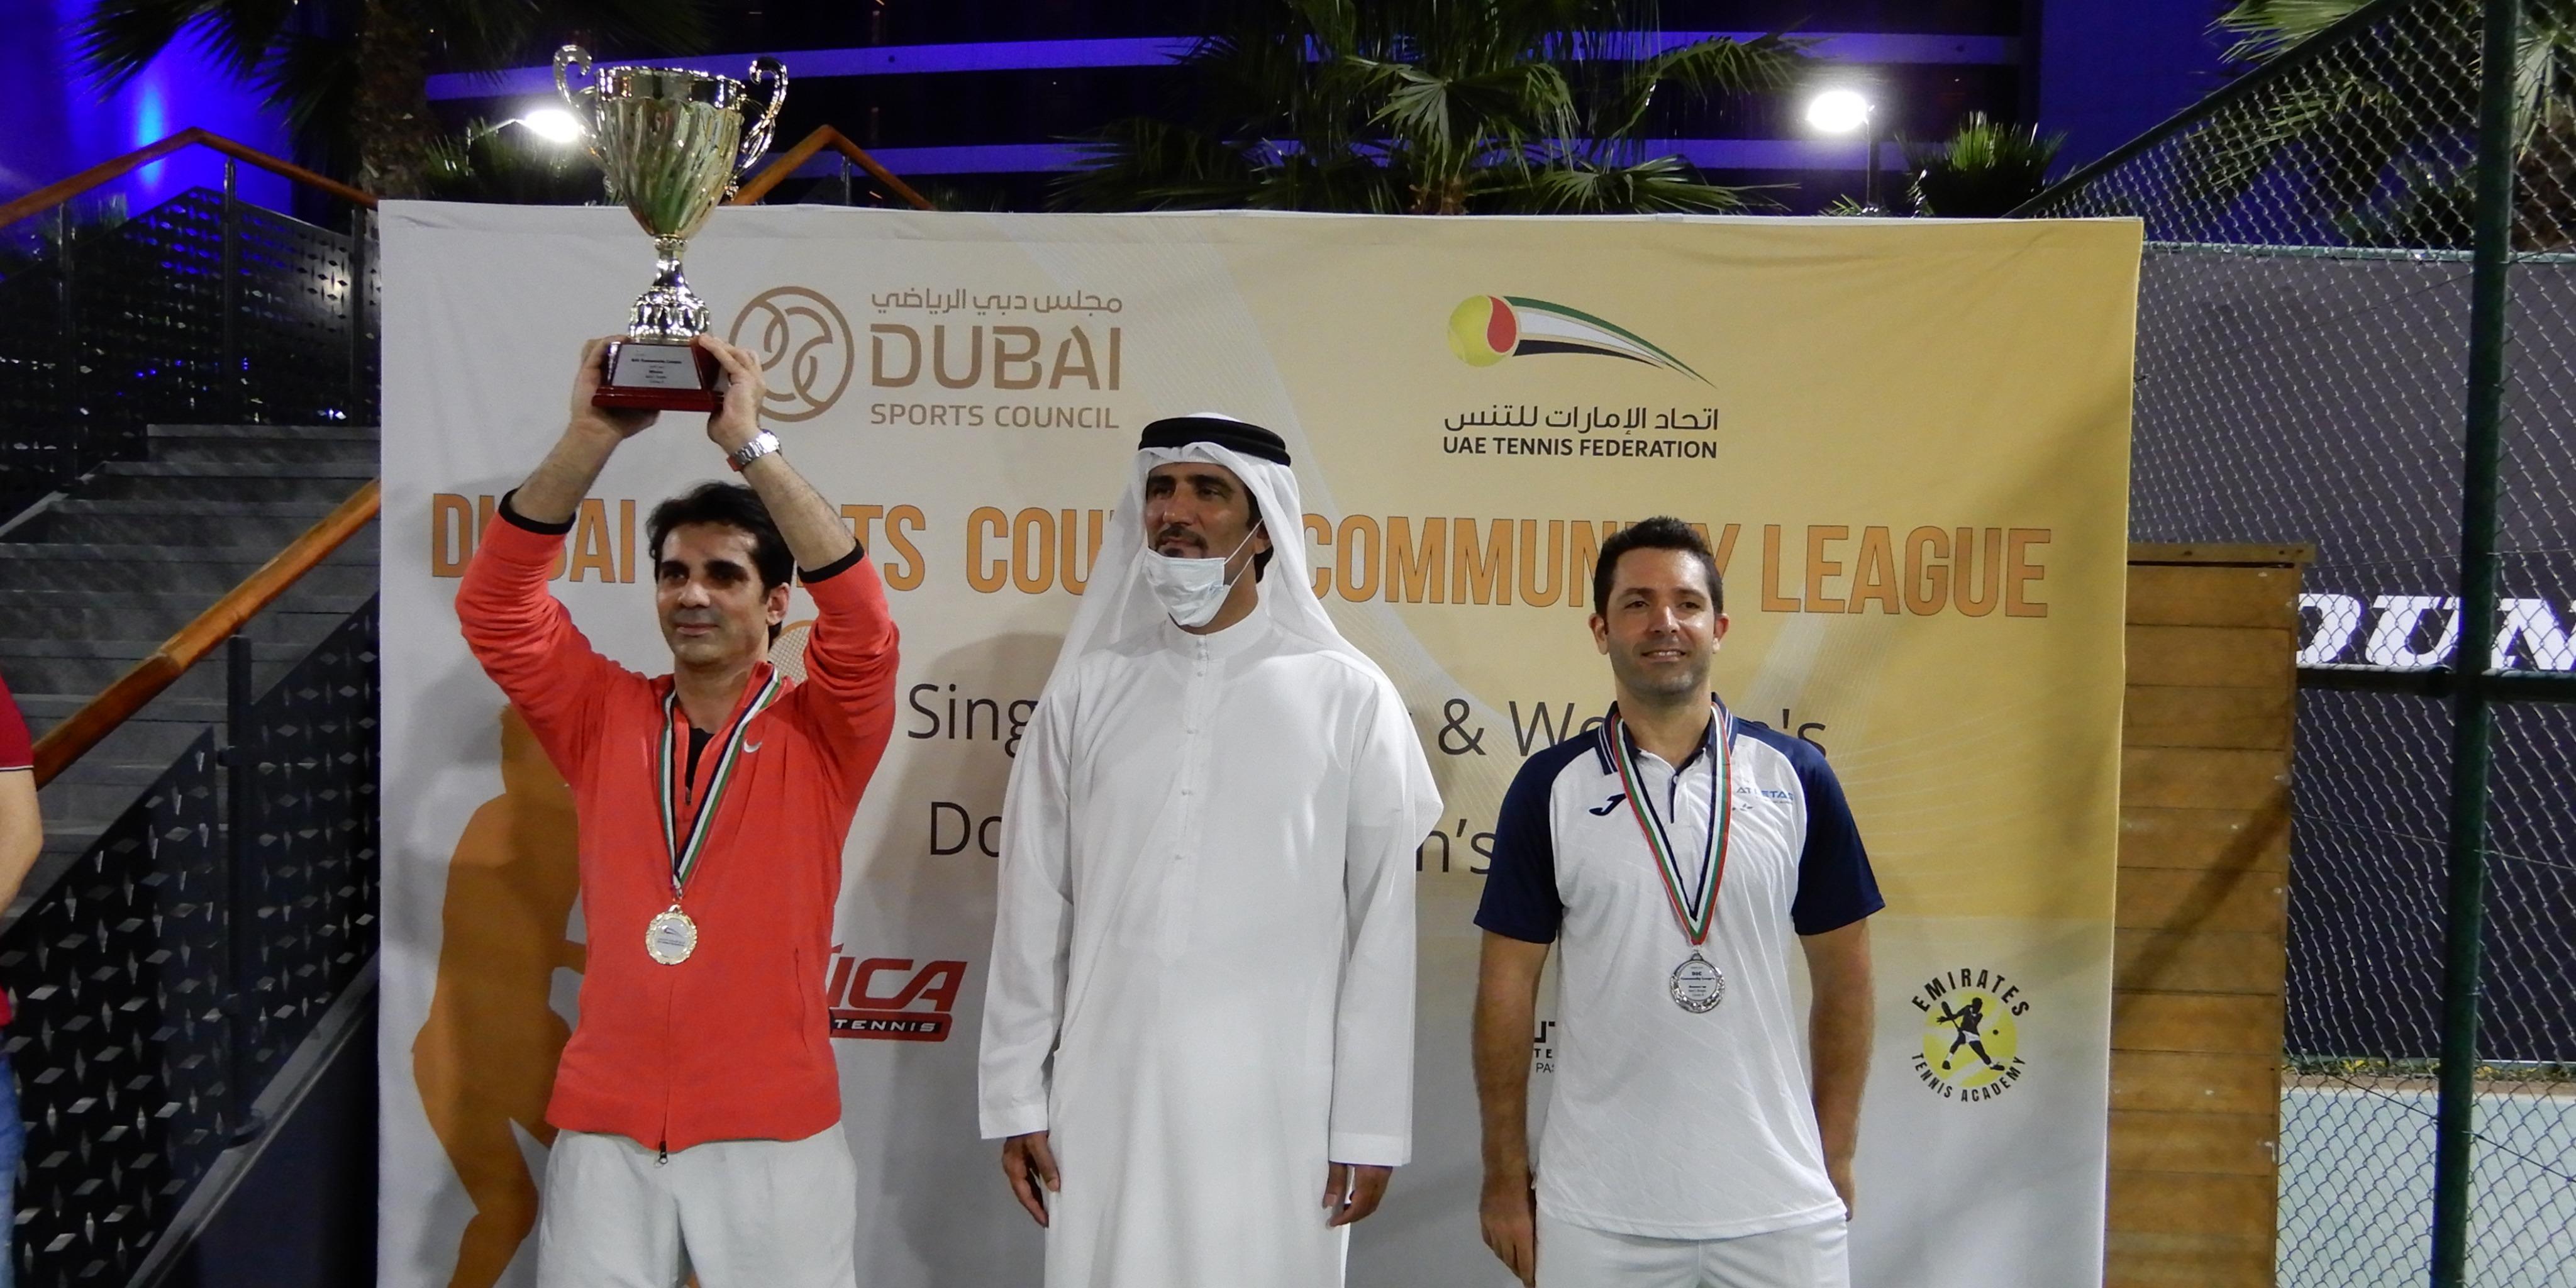 Tennis emirate